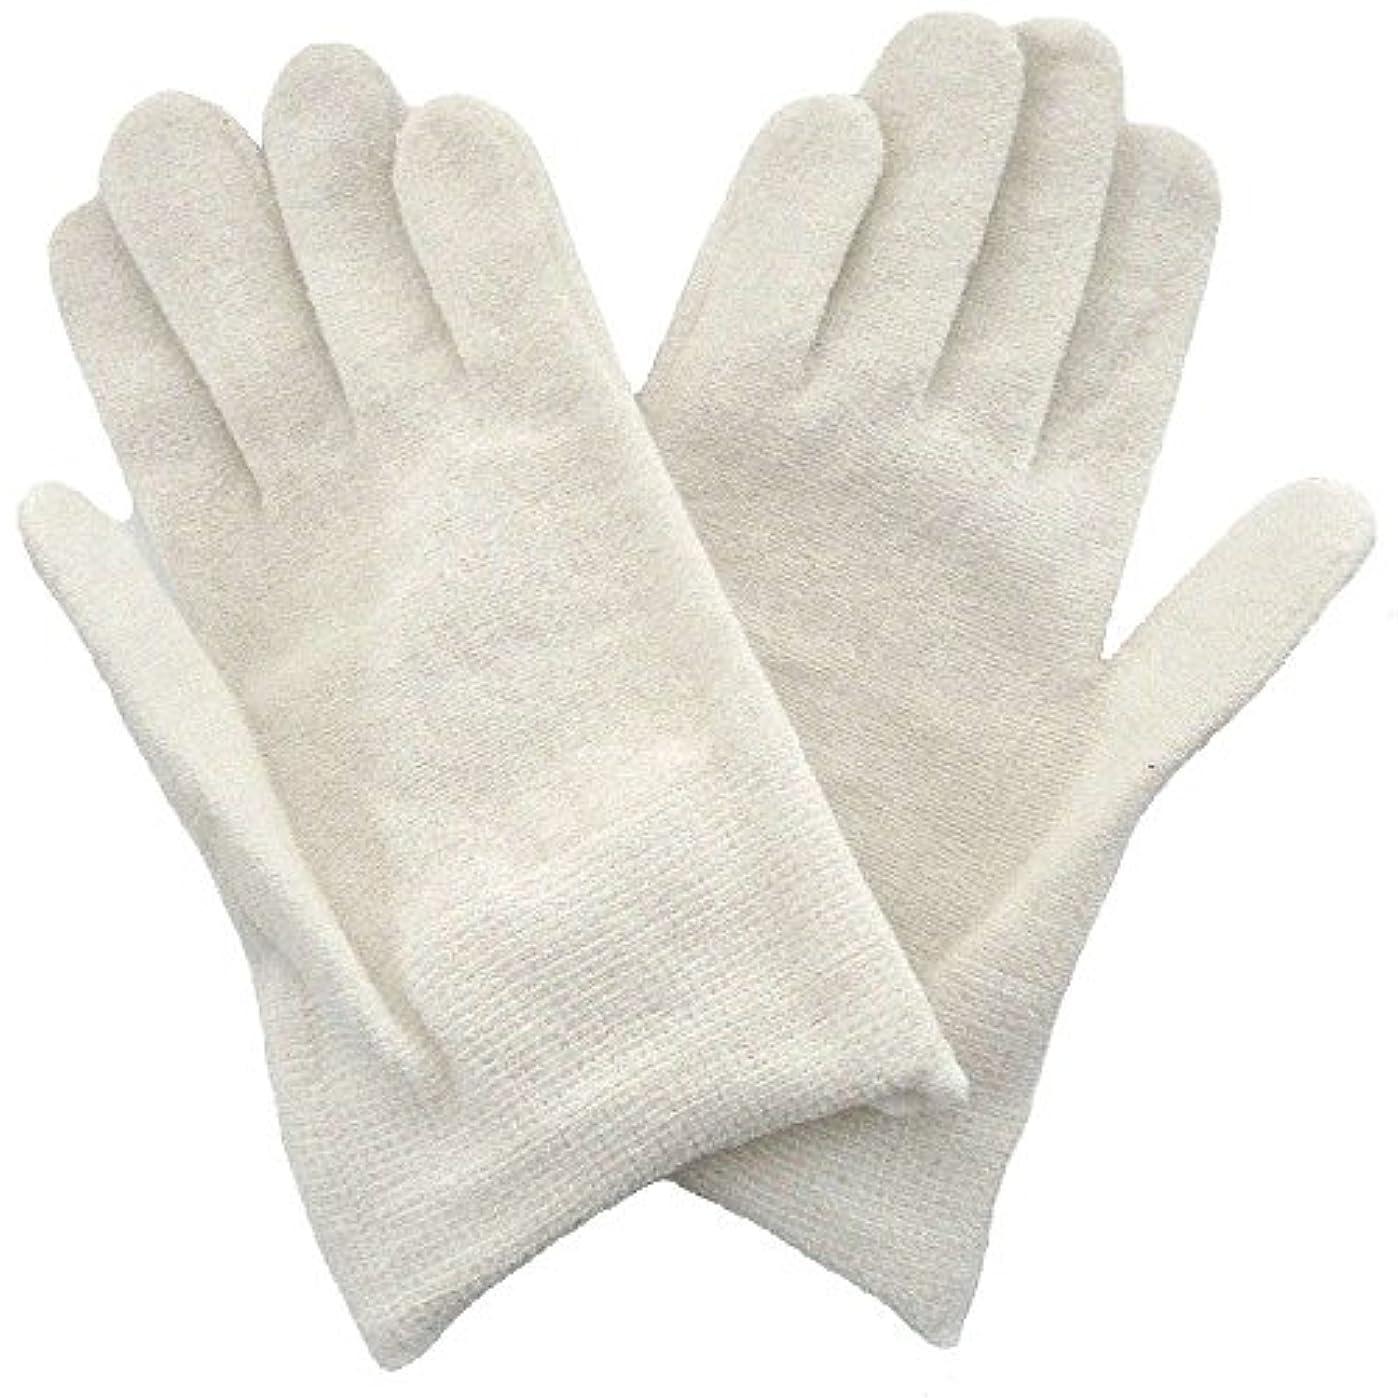 【アトピー】【水疱瘡】【皮膚炎】 ナノミックス おやすみ手袋:キッズ用 ホワイト